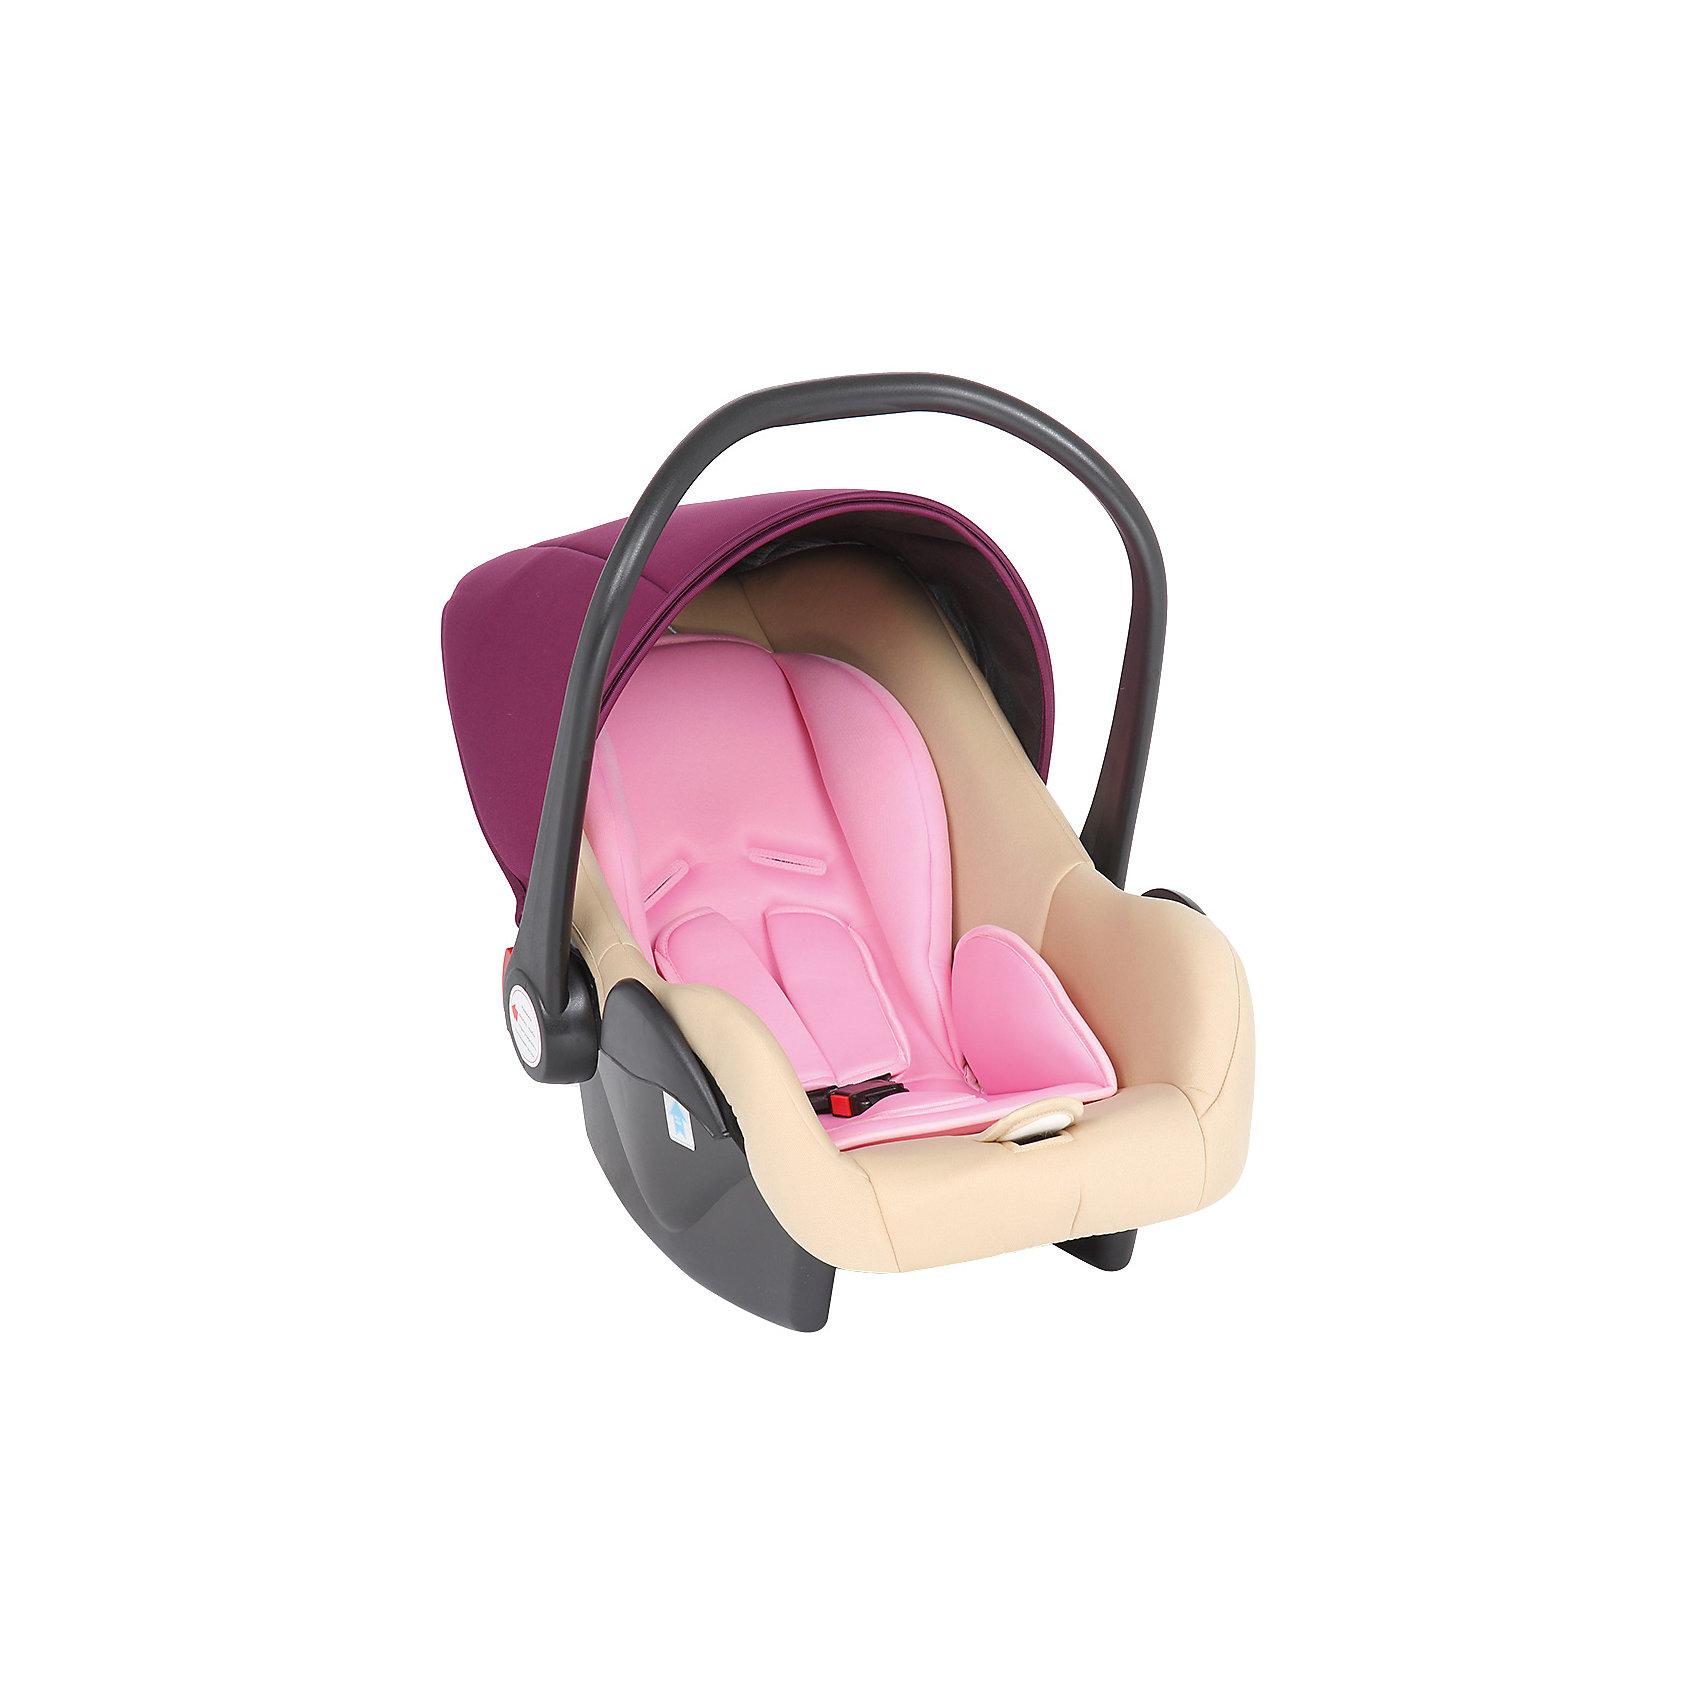 Автокресло Baby Leader Comfort, 0-13 кг., Leader kids, бежевый/розовыйНадежное автокресло - необходимый атрибут современной семьи, в которой есть машина. Это высокотехнологичное автокресло позволит перевозить ребенка, не беспокоясь при этом о его безопасности. Оно предназначено для предназначено для детей весом до 13 килограмм. Такое кресло обеспечит малышу не только безопасность, но и удобство (козырек от солнца и анатомическая форма). Ребенок надежно фиксируется в кресле и ездит с комфортом.<br>Автокресло устанавливают против движения. Такое кресло дает возможность свободно путешествовать, ездить в гости и при этом  быть рядом с малышом. Конструкция - очень удобная и прочная. Изделие произведено из качественных и безопасных для малышей материалов, оно соответствуют всем современным требованиям безопасности. Кресло отлично показало себя на краш-тестах.<br> <br>Дополнительная информация:<br><br>цвет: бежевый, розовый;<br>материал: текстиль, пластик;<br>вес ребенка: до 13 кг;<br>мягкий подголовник;<br>анатомическая подушка;<br>внутренние ремни - трехточечные, с мягкими накладками;<br>регулировка высоты внутренних ремней;<br>ручка для переноски;<br>тент от солнца;<br>установка: спиной вперед;<br>дополнительная защита от боковых ударов;<br>съемный чехол;<br>соответствие стандартам ECE R44/04.<br><br>Автокресло Baby Leader Comfort, 0-13 кг.,бежевый/розовый от компании Leader kids можно купить в нашем магазине.<br><br>Ширина мм: 880<br>Глубина мм: 740<br>Высота мм: 450<br>Вес г: 2670<br>Возраст от месяцев: 0<br>Возраст до месяцев: 12<br>Пол: Женский<br>Возраст: Детский<br>SKU: 4778463